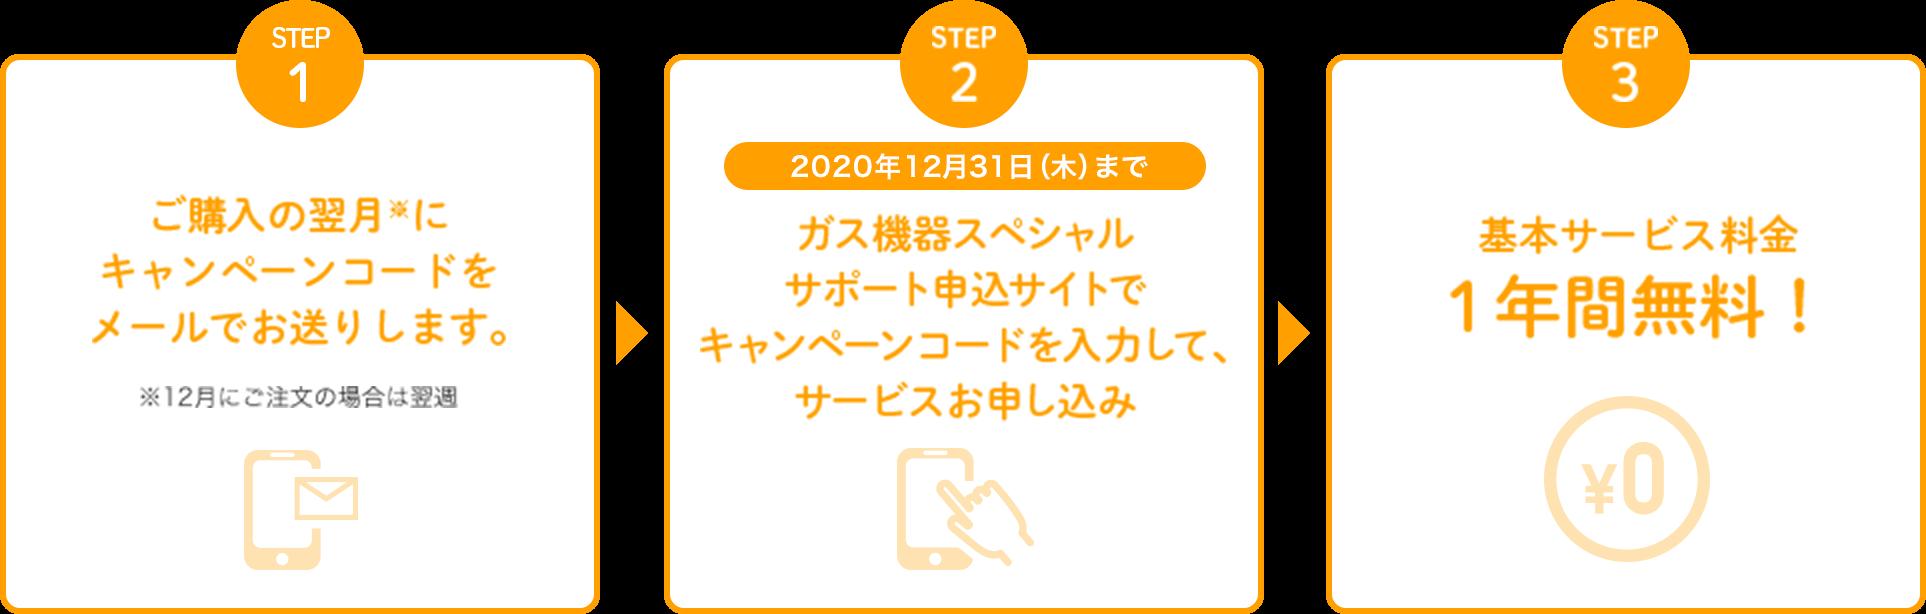 STEP1 ご購入の翌月※にキャンペーンコードをメールでお送りします。※12月にご注文の場合は翌週 STEP2 2020年12月31日(木)まで ガス機器スペシャルサポート申込サイトでキャンペーンコードを入力して、サービスお申し込み STEP3 基本サービス料金1年間無料!